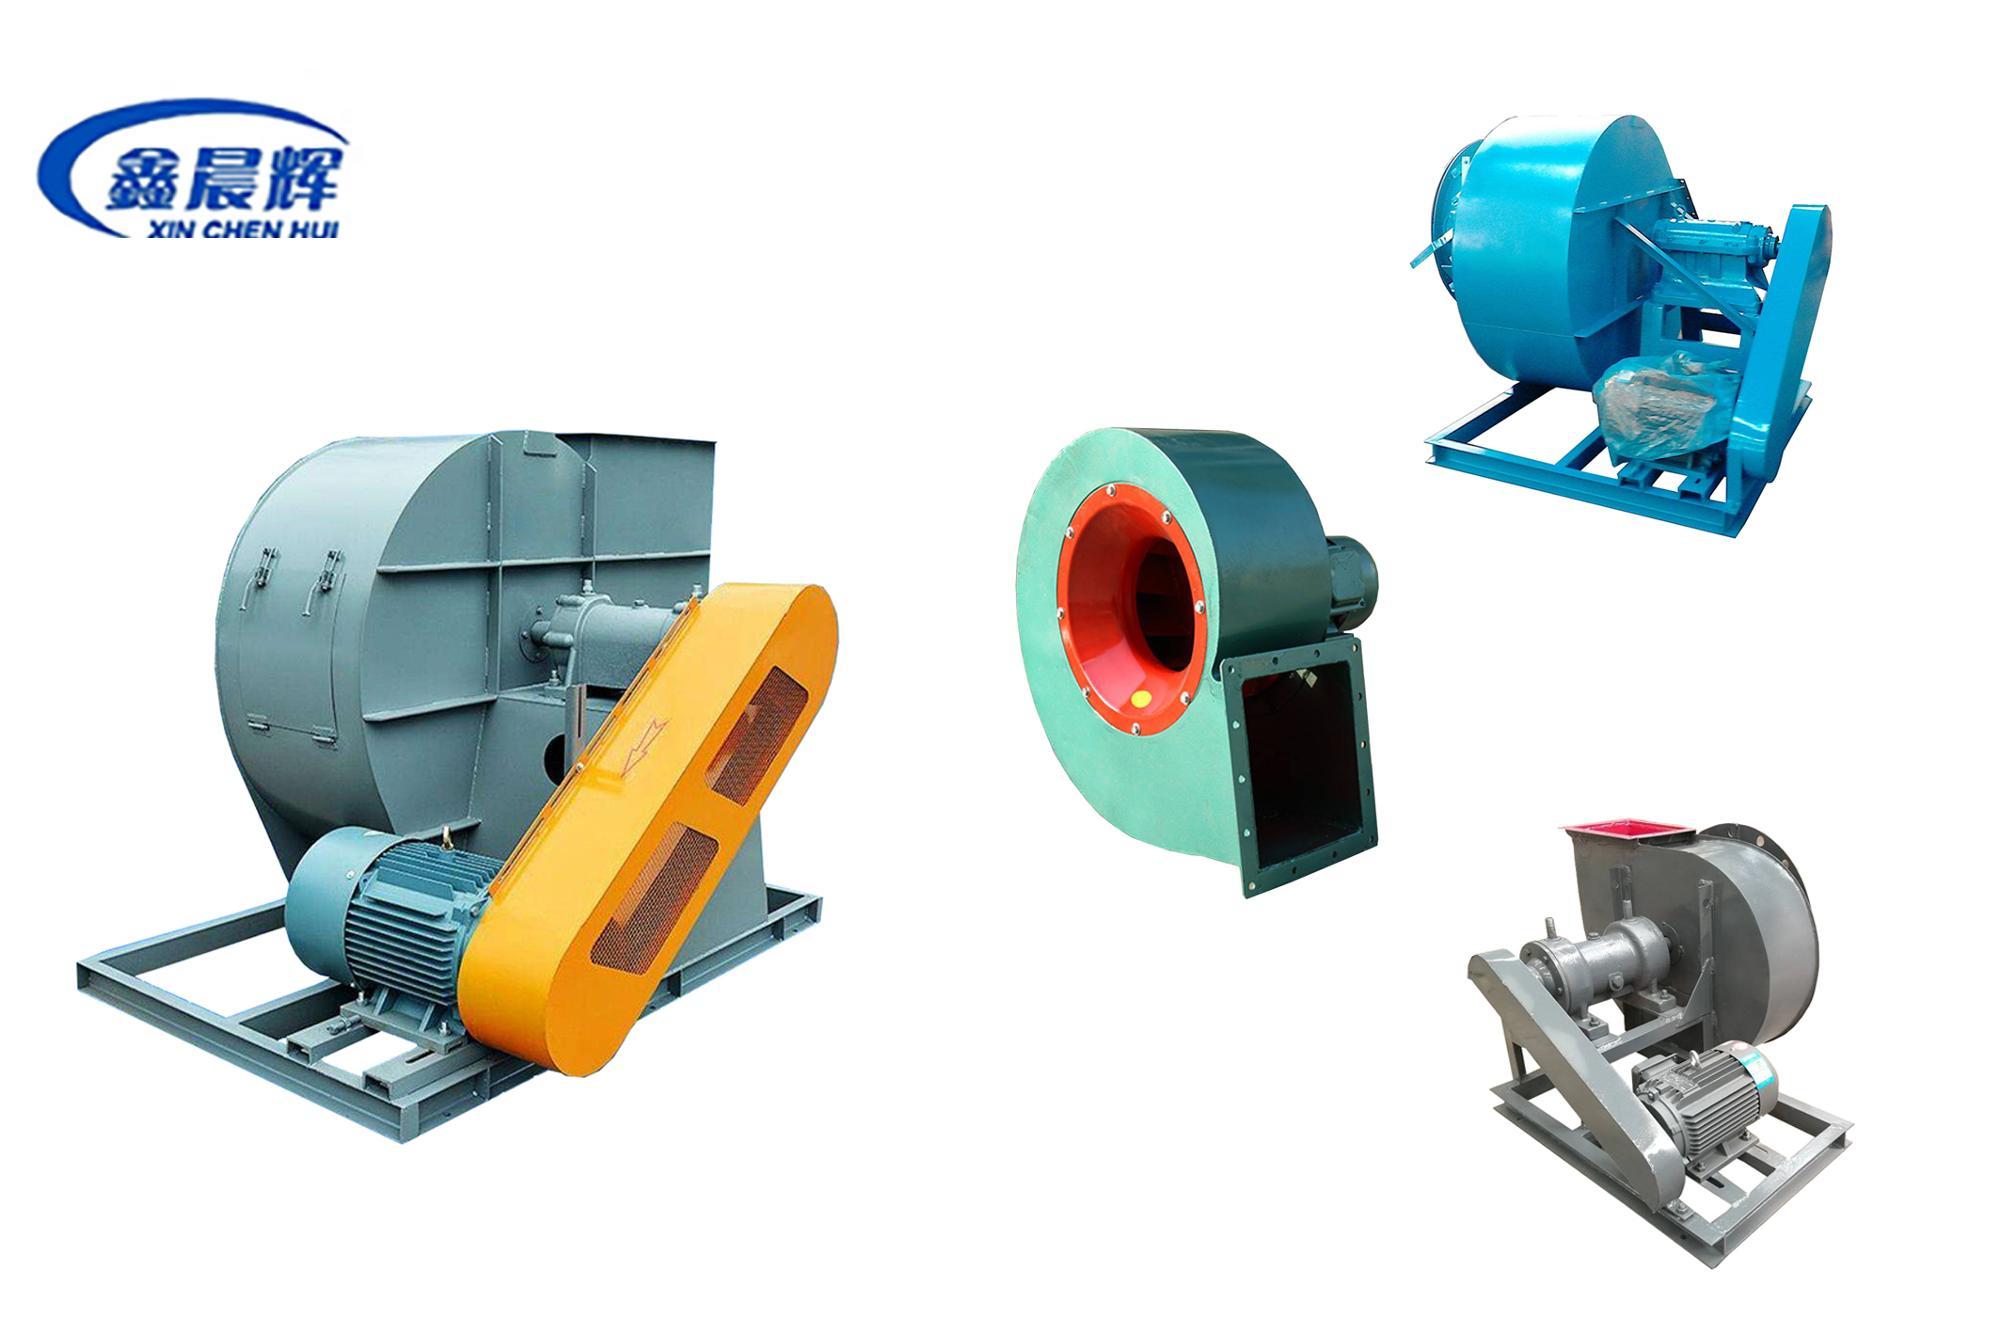 Çin Tedarikçisi endüstriyel santrifüj 4-72-8C ring blower yüksek basınçlı üfleme fanı için rüzgar tüneli hava kaynaklı.